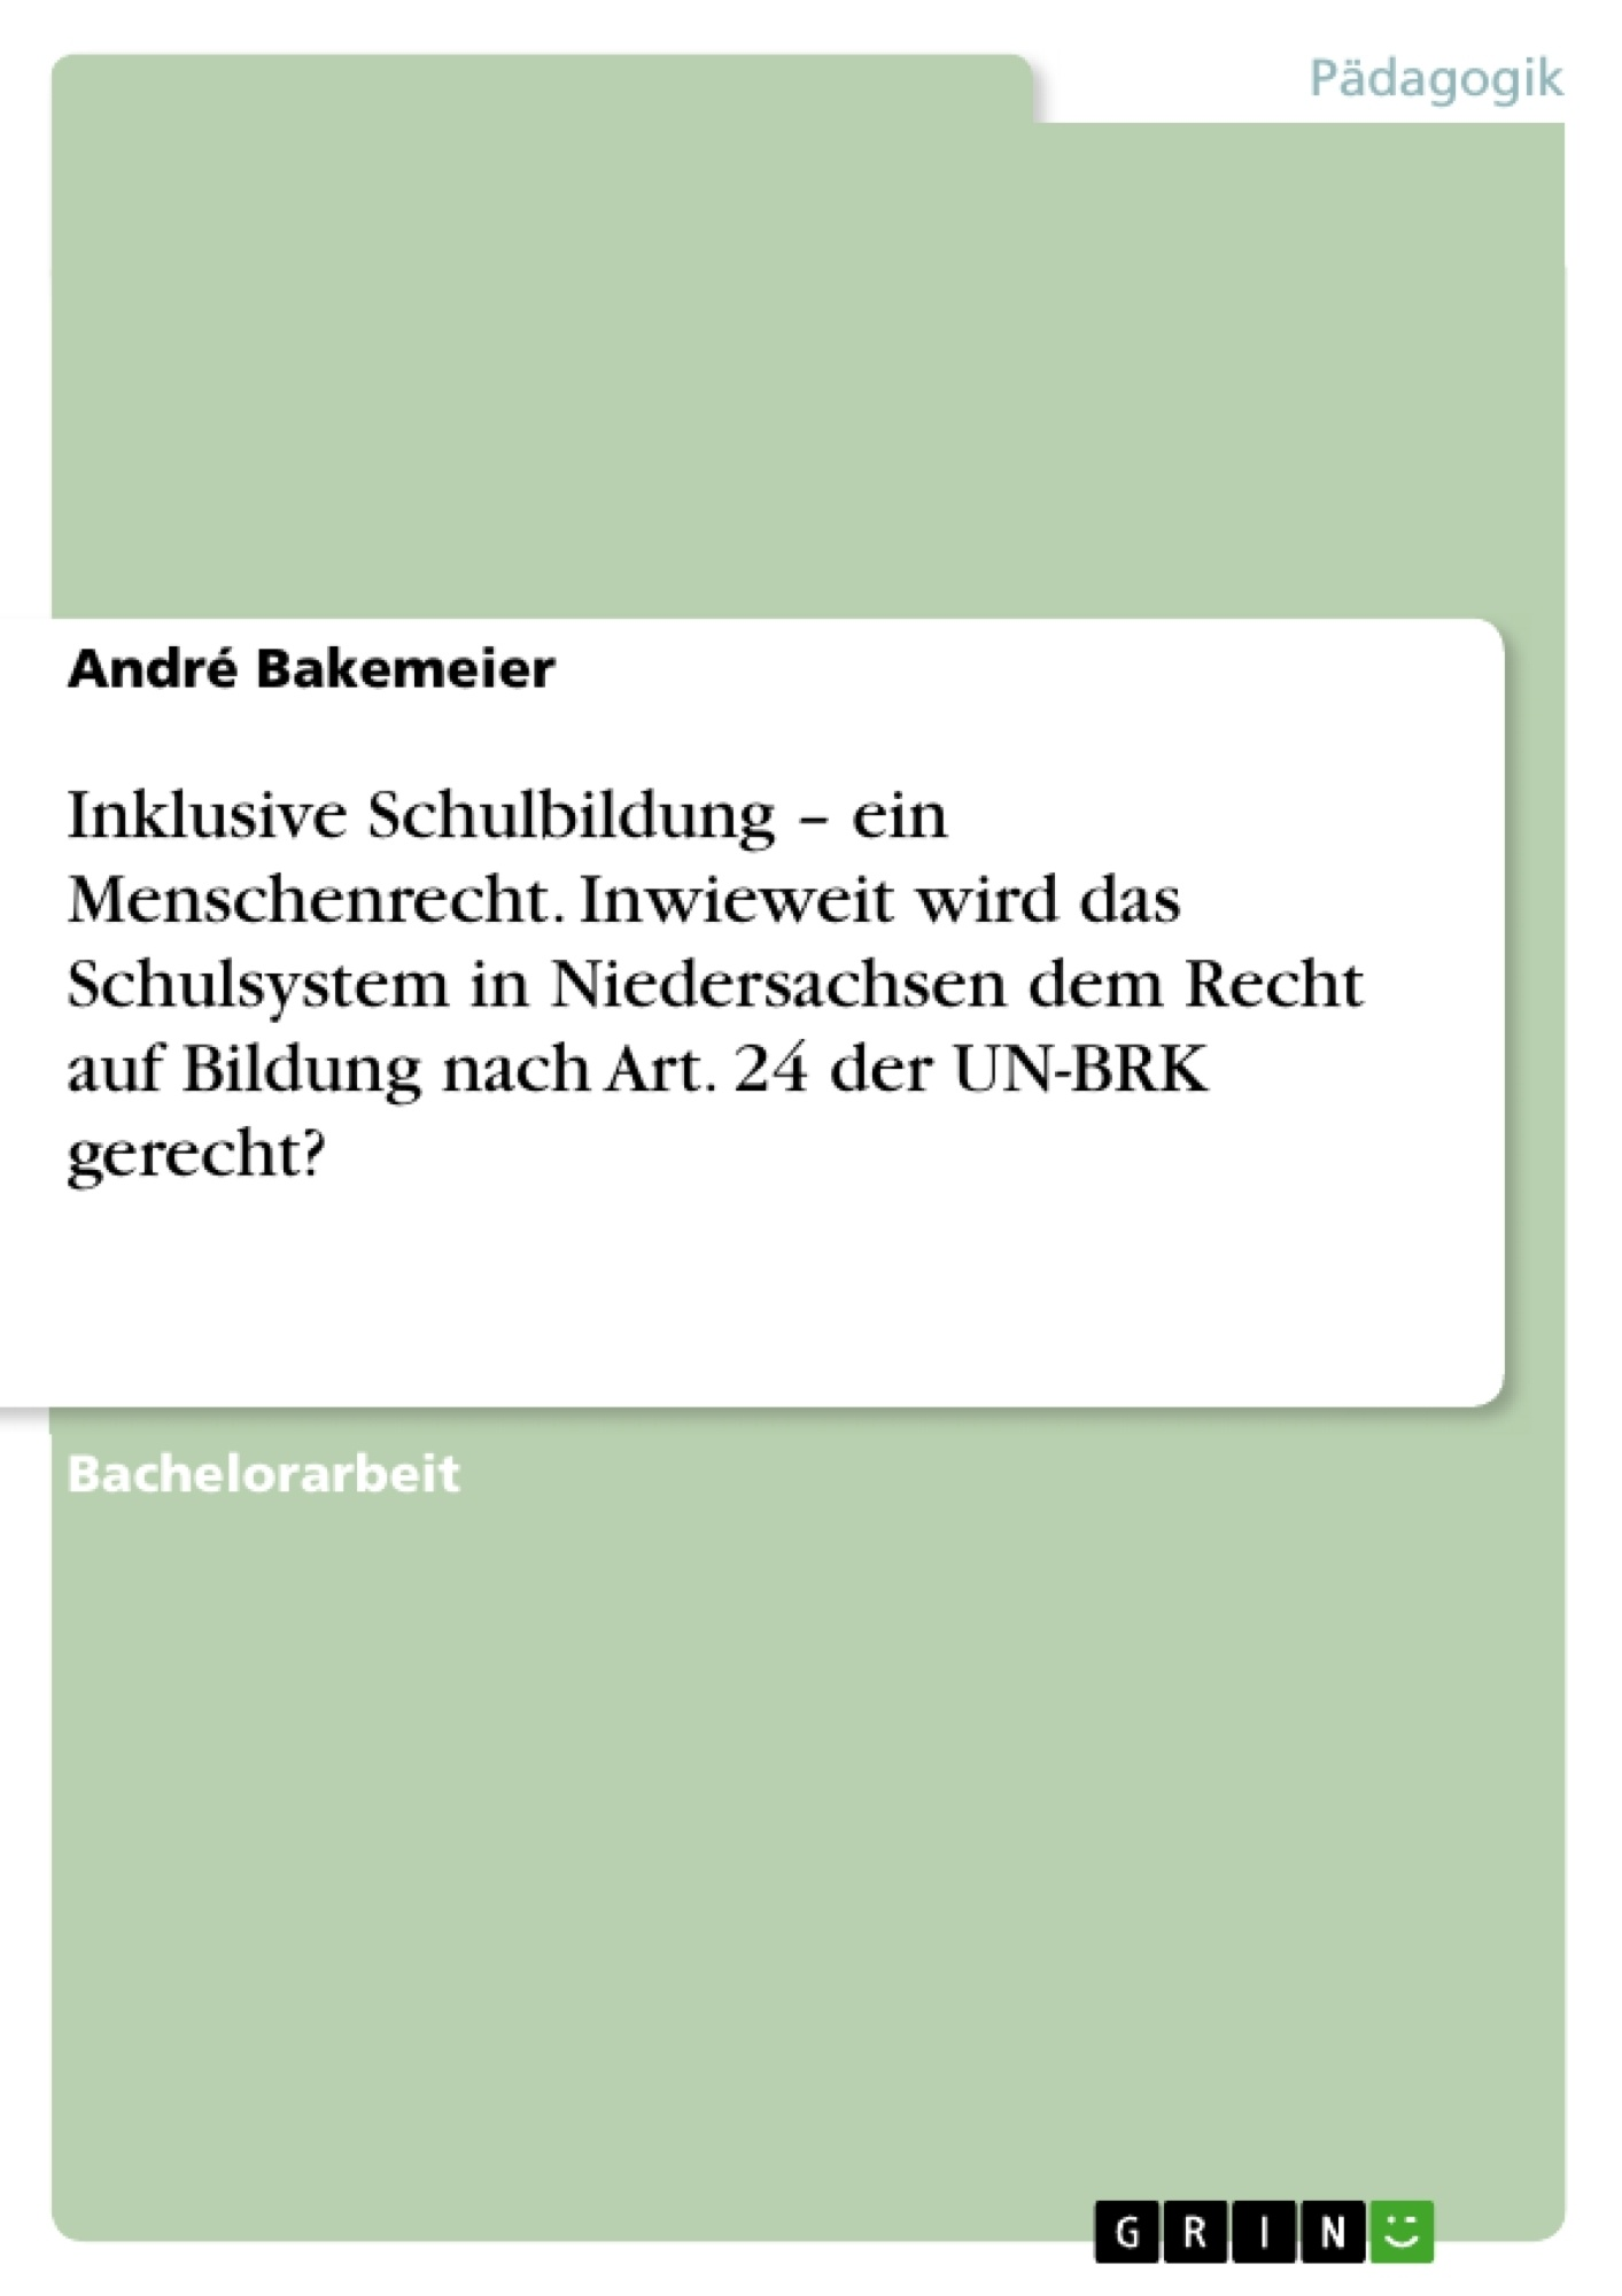 Titel: Inklusive Schulbildung – ein Menschenrecht. Inwieweit wird das Schulsystem in Niedersachsen dem Recht auf Bildung nach Art. 24 der UN-BRK gerecht?